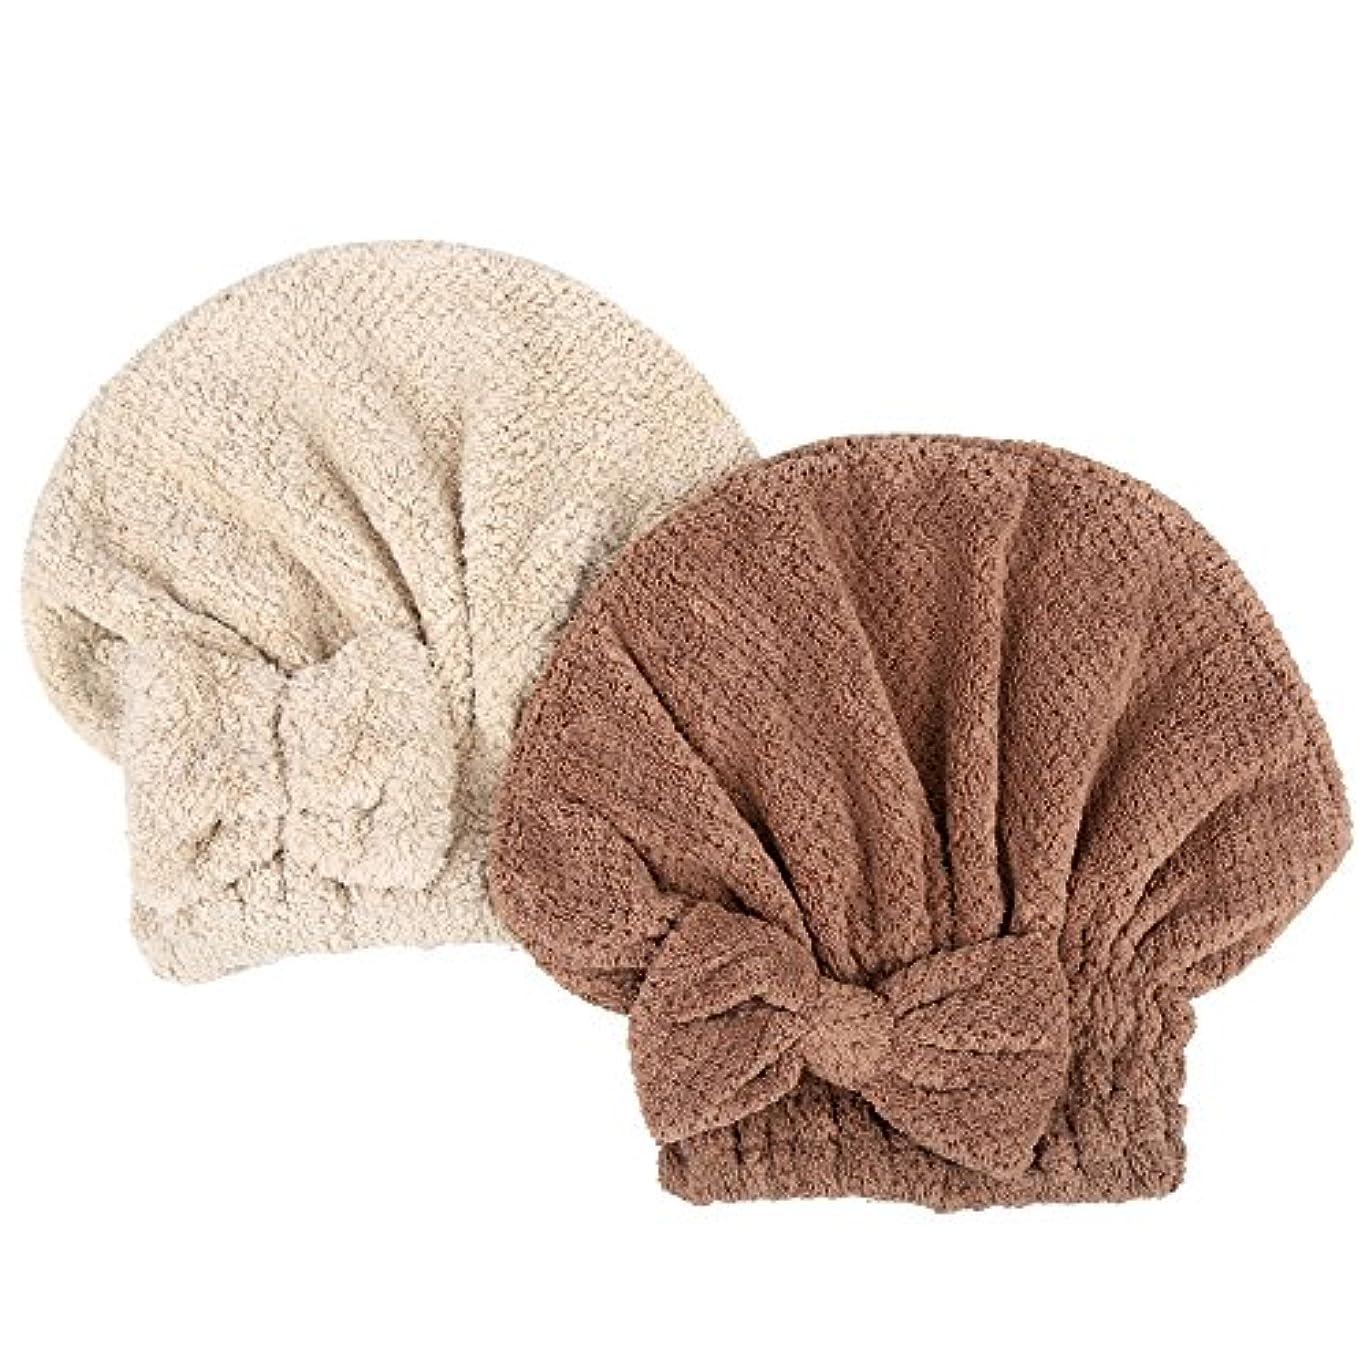 取り替えるステップグラフィックKISENG タオルキャップ 2枚セット ヘアドライタオル 短髪の人向き ヘアキャップ 吸水タオル 速乾 ふわふわ お風呂 バス用品 (ベージュ+コーヒー)